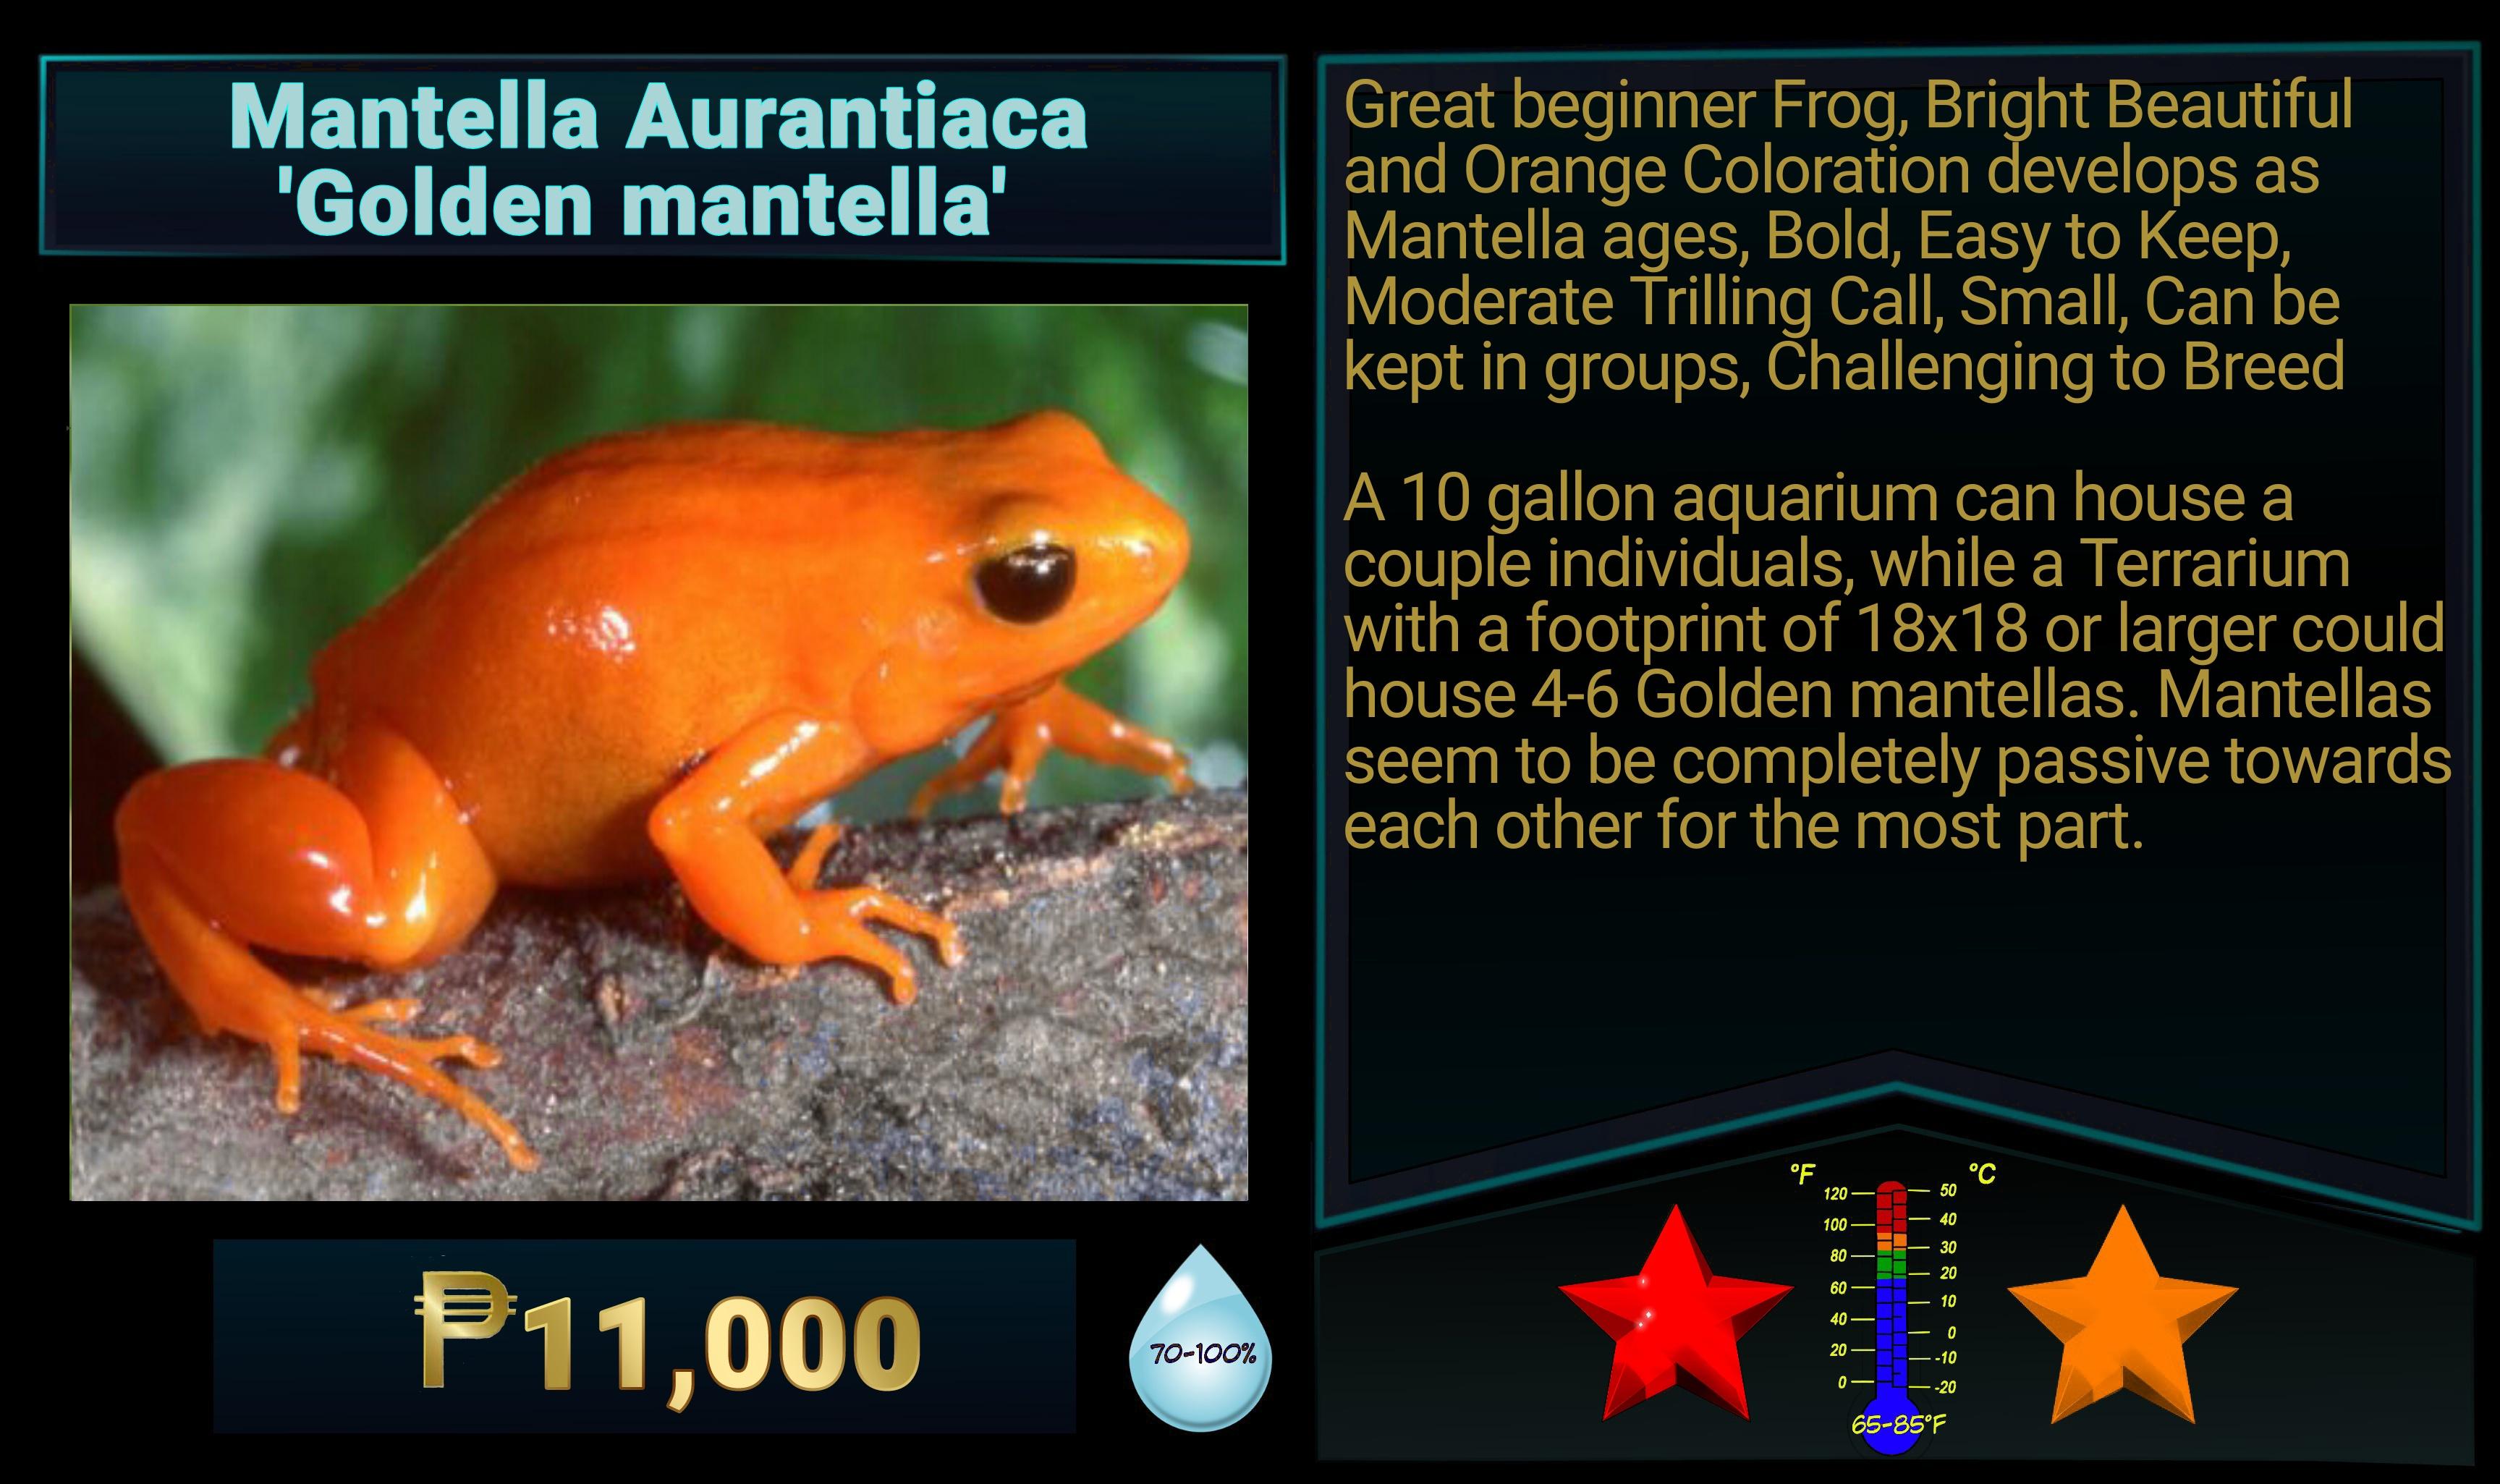 Mantella aurantiaca Golden Mantella